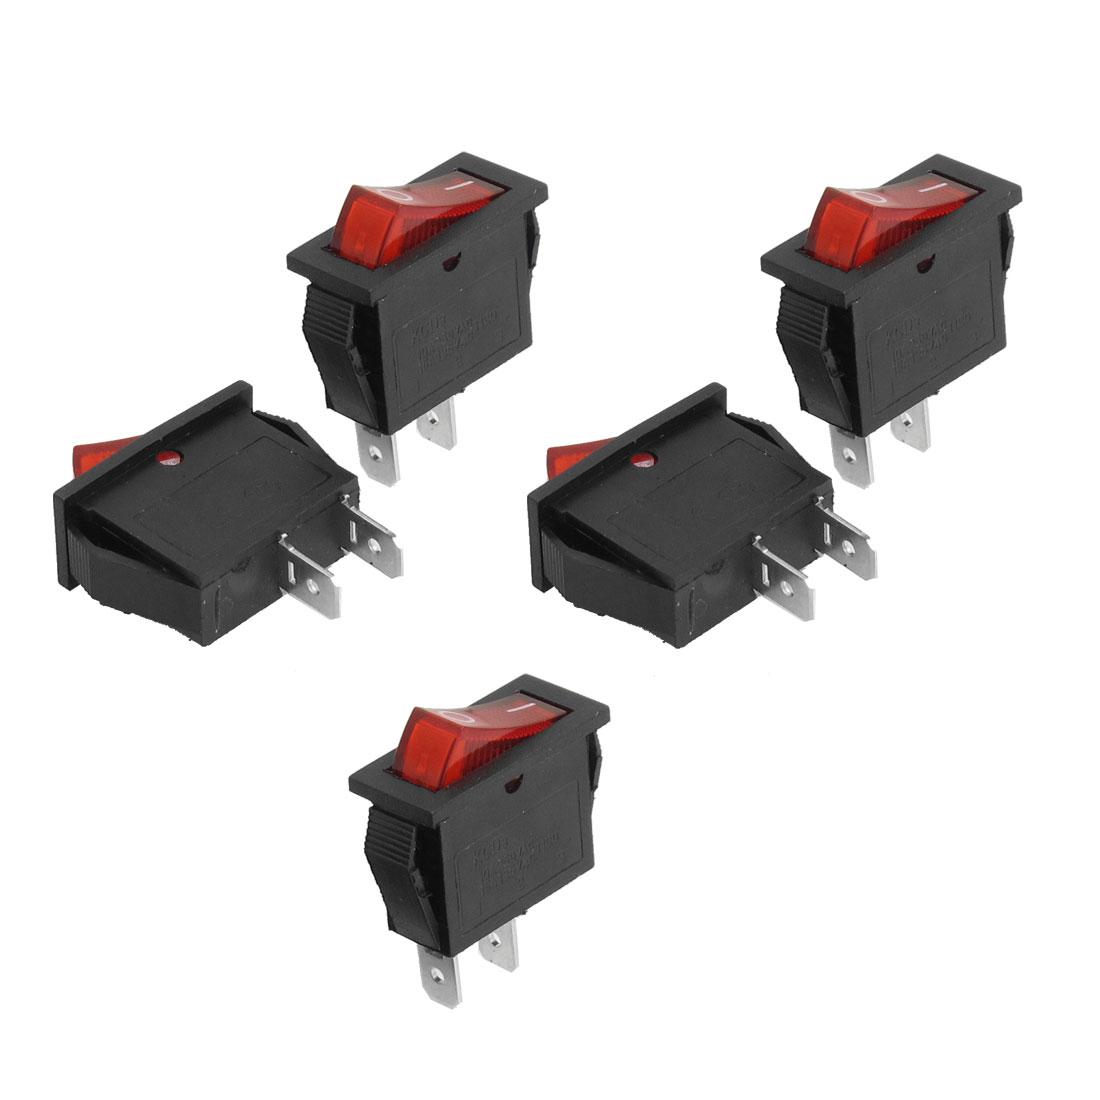 5 Pcs AC 250V 10A AC 125V 15A SPST Red Button Boat Rocker Switch